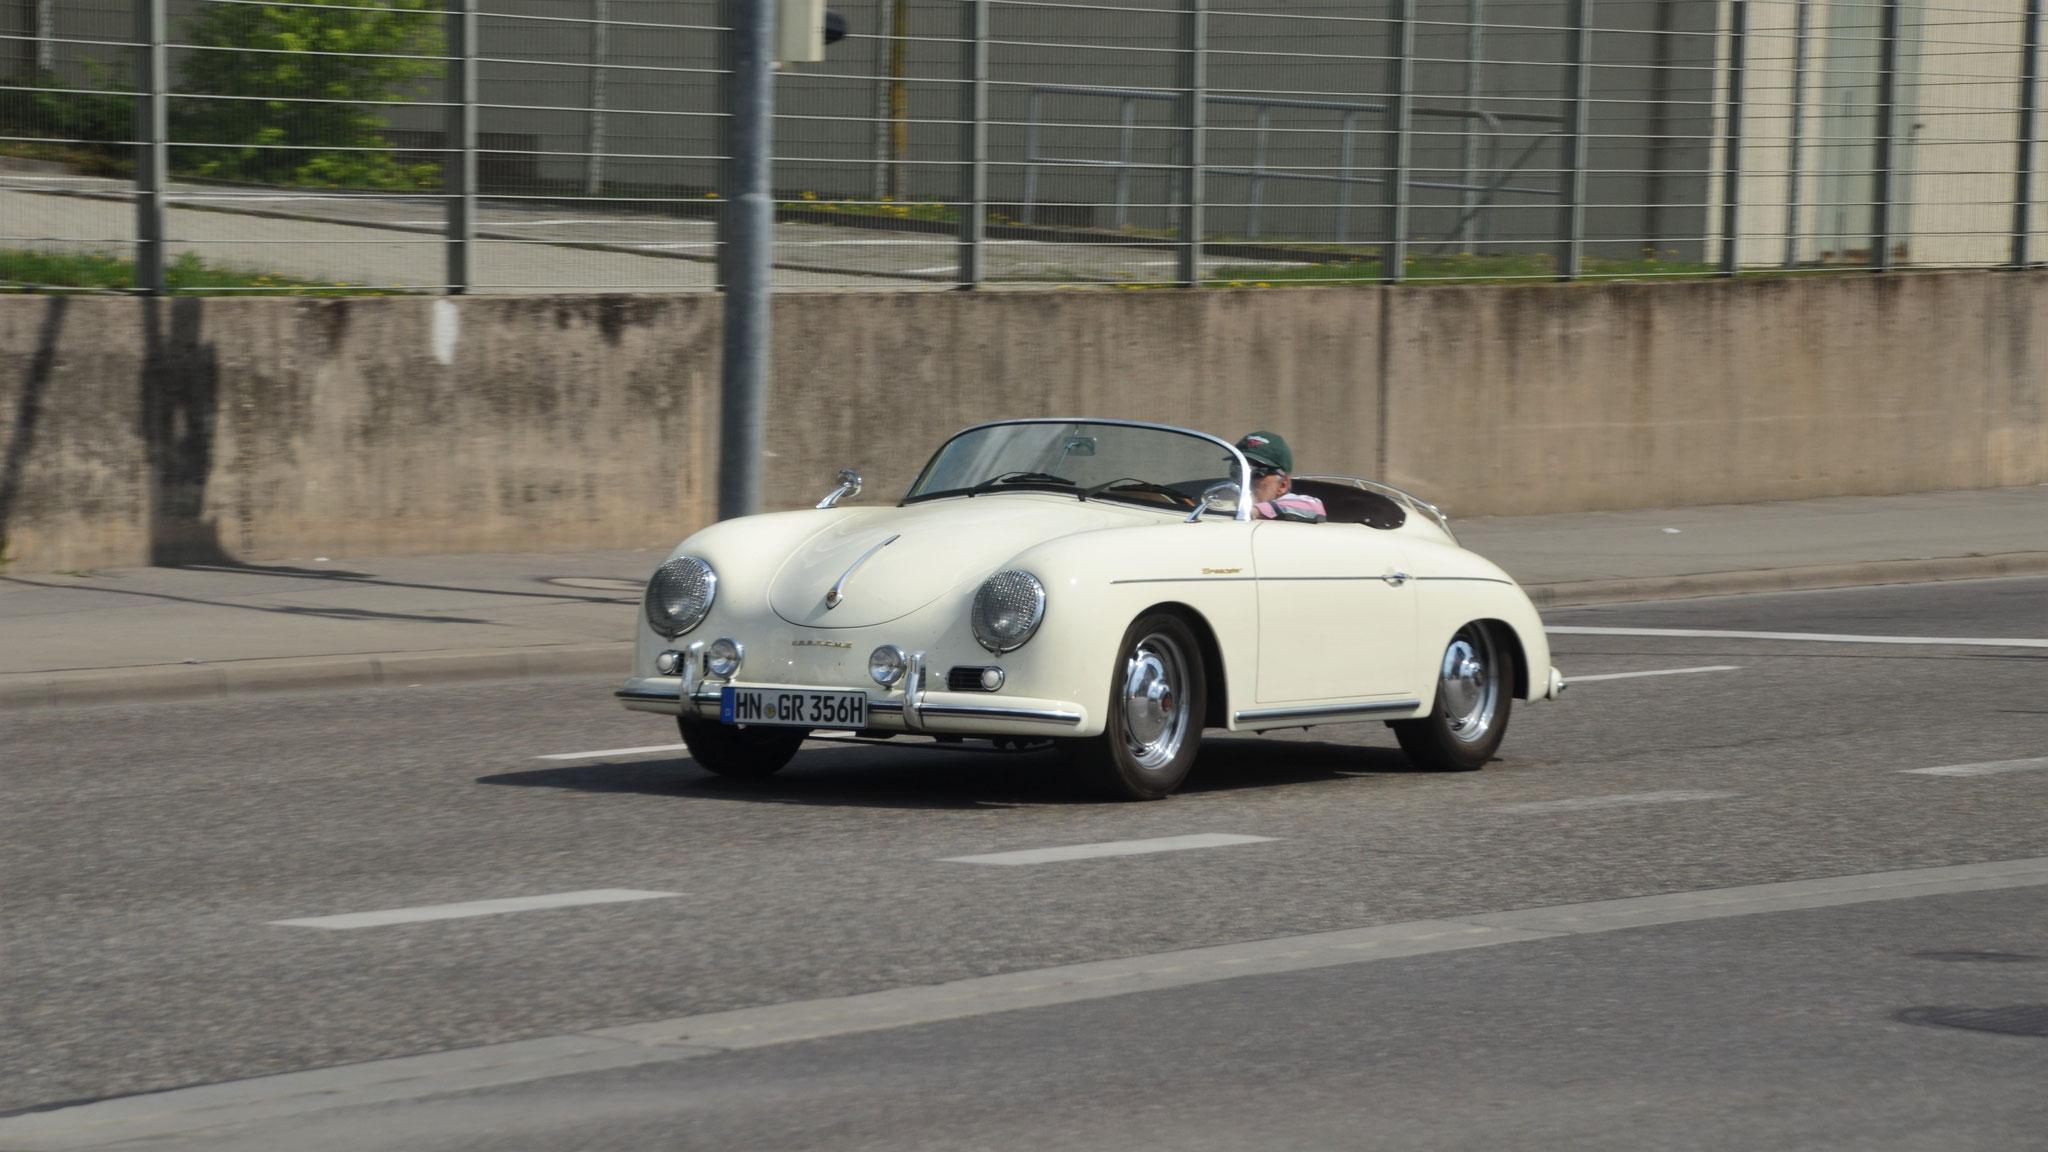 Porsche 356 1600 Super Speedster - HN-GR-356H